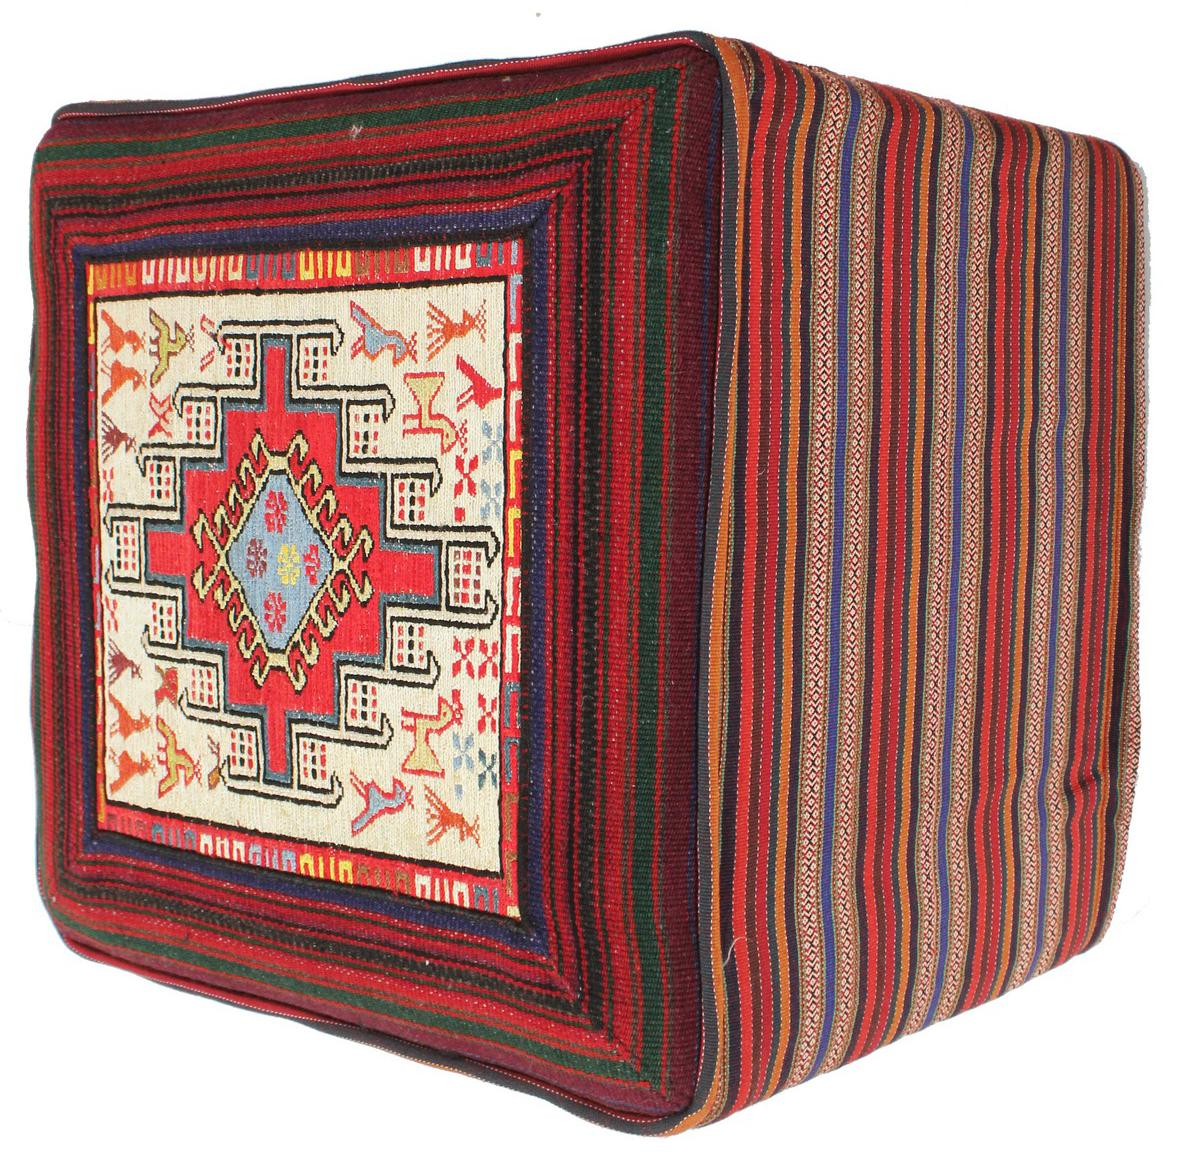 kelim hocker eckig perserteppich 50x50 id14503 kaufen sie ihren orientteppich kelim teppich. Black Bedroom Furniture Sets. Home Design Ideas